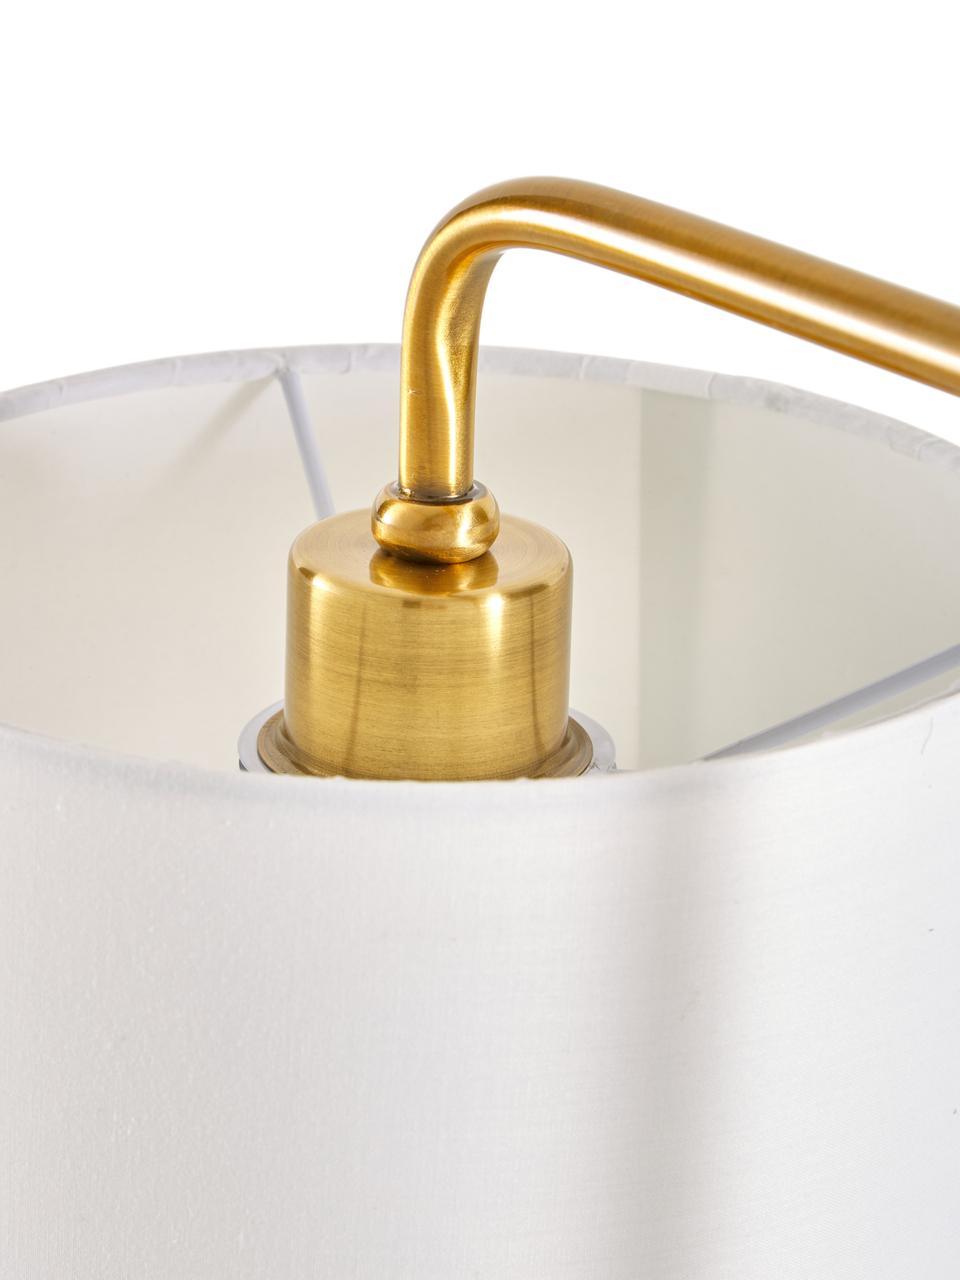 Tischlampe Montreal mit Marmorfuß, Lampenschirm: Textil, Lampenfuß: Marmor, Gestell: Metall, galvanisiert, Weiß, Goldfarben, Ø 20 x H 49 cm